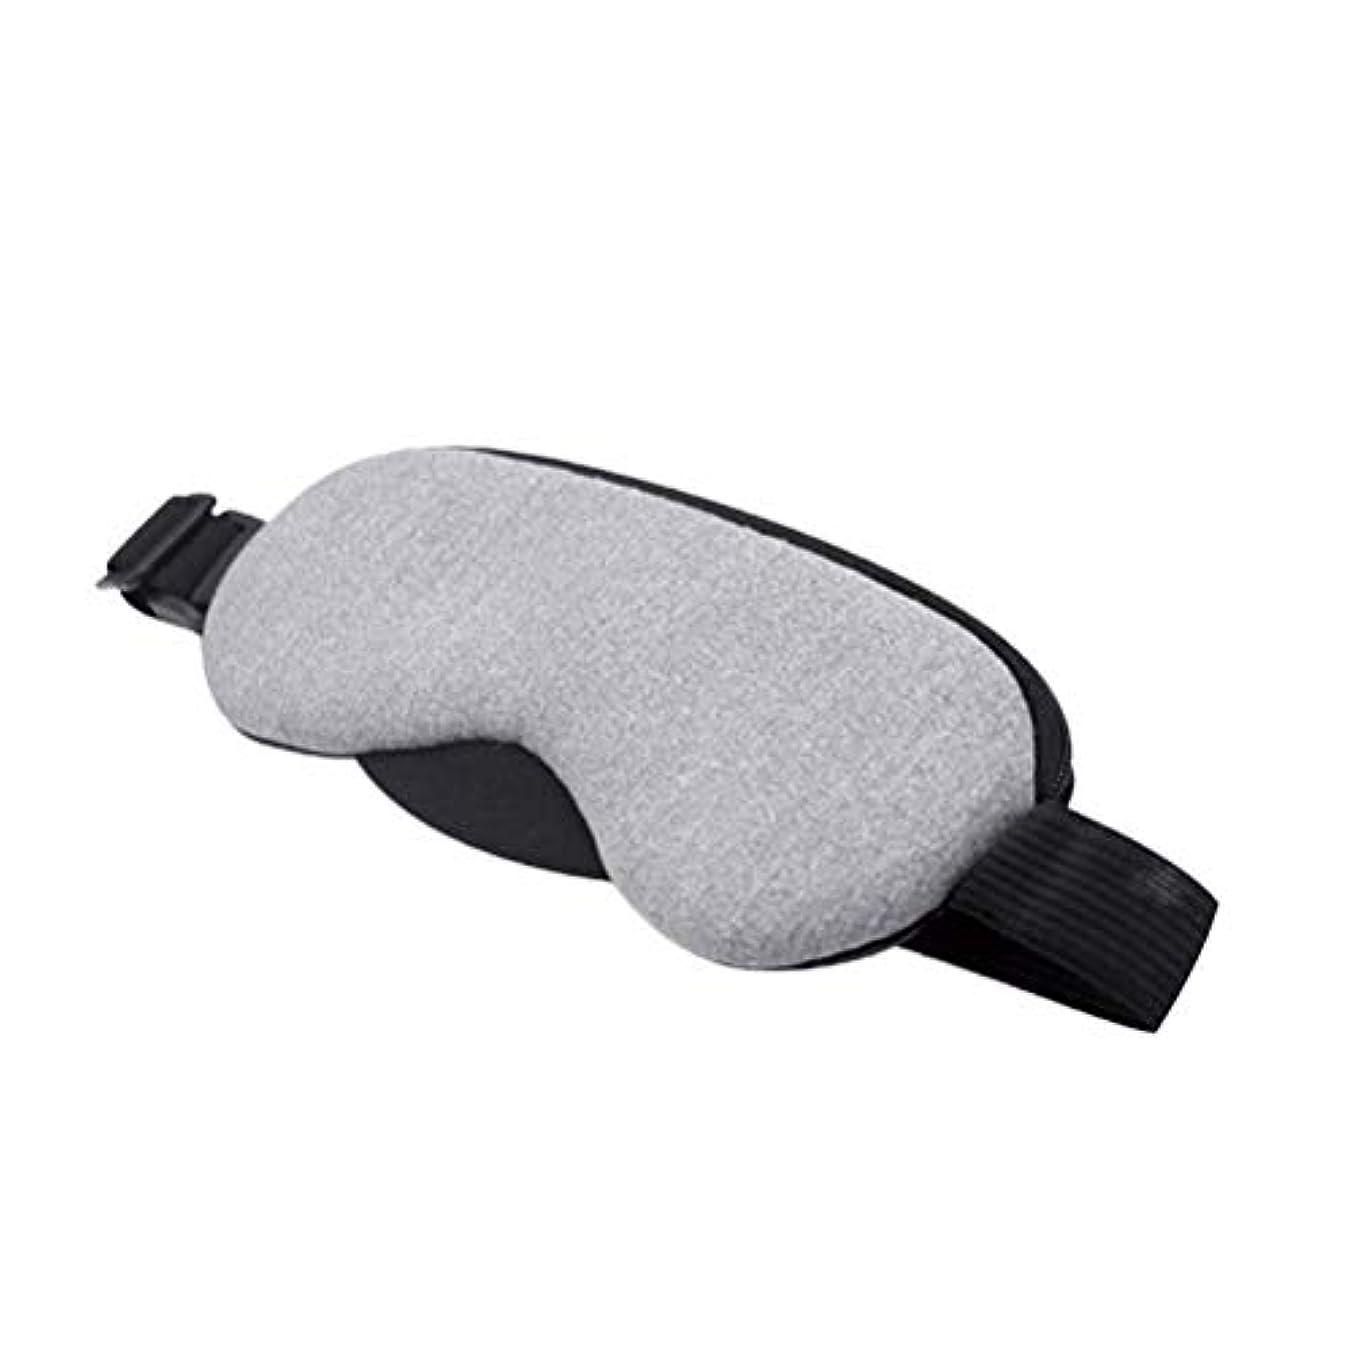 風味バイソン不合格Healifty アイマスク 蒸気ホットアイマスク USB 加熱式 スリーピングアイマスク 温度とタイミング制御 吹き出物/乾燥/疲れた目(灰色)